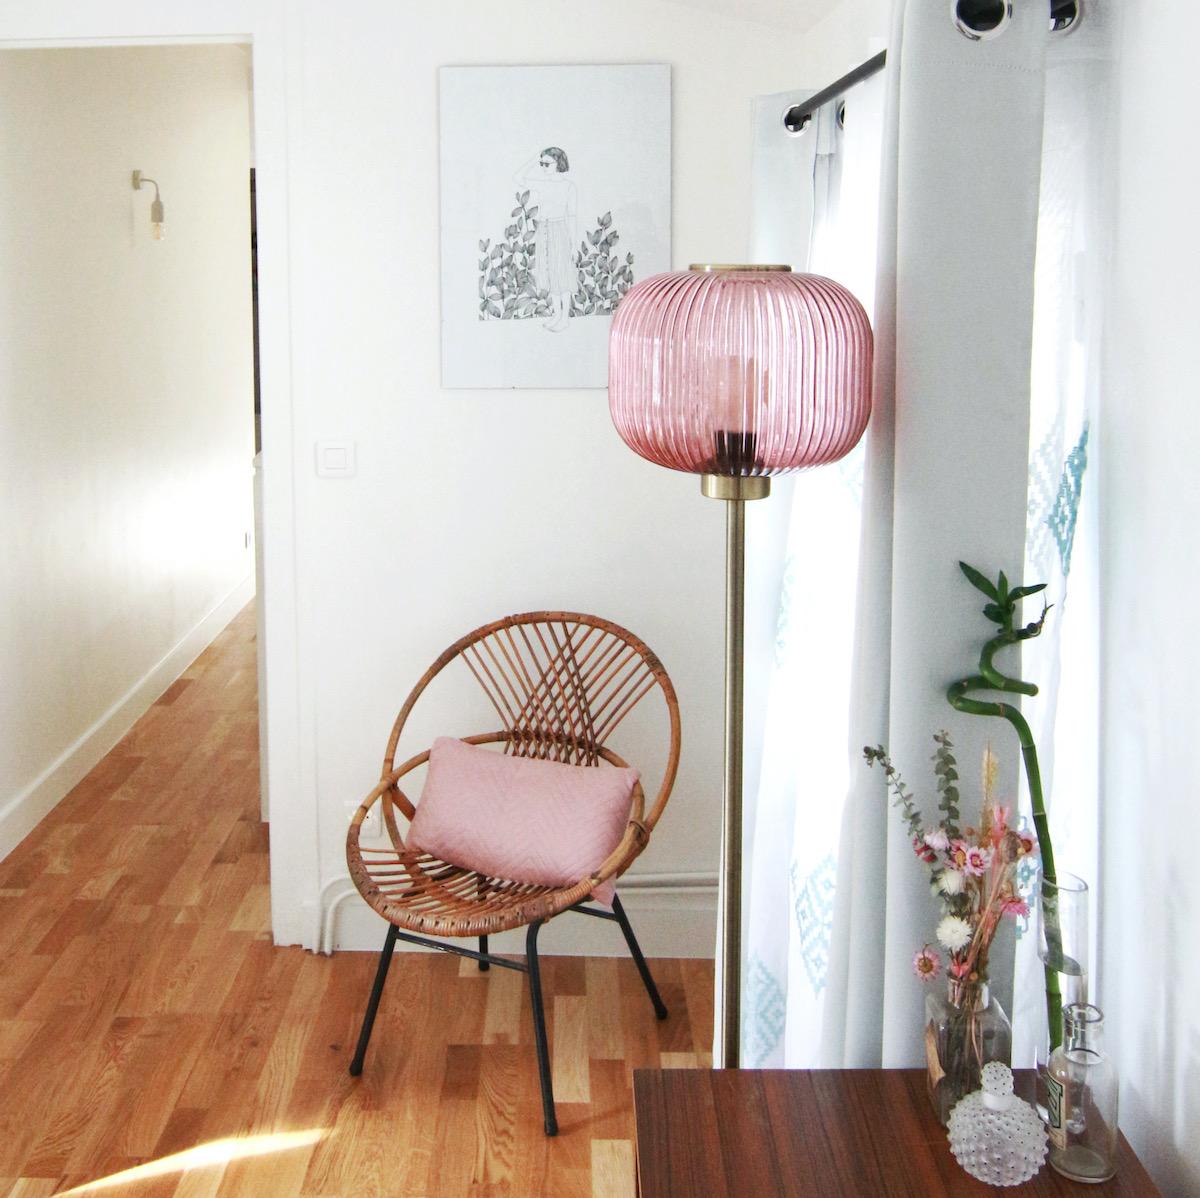 idée déco chambre rétro vintage fauteuil osier lampe rose laiton